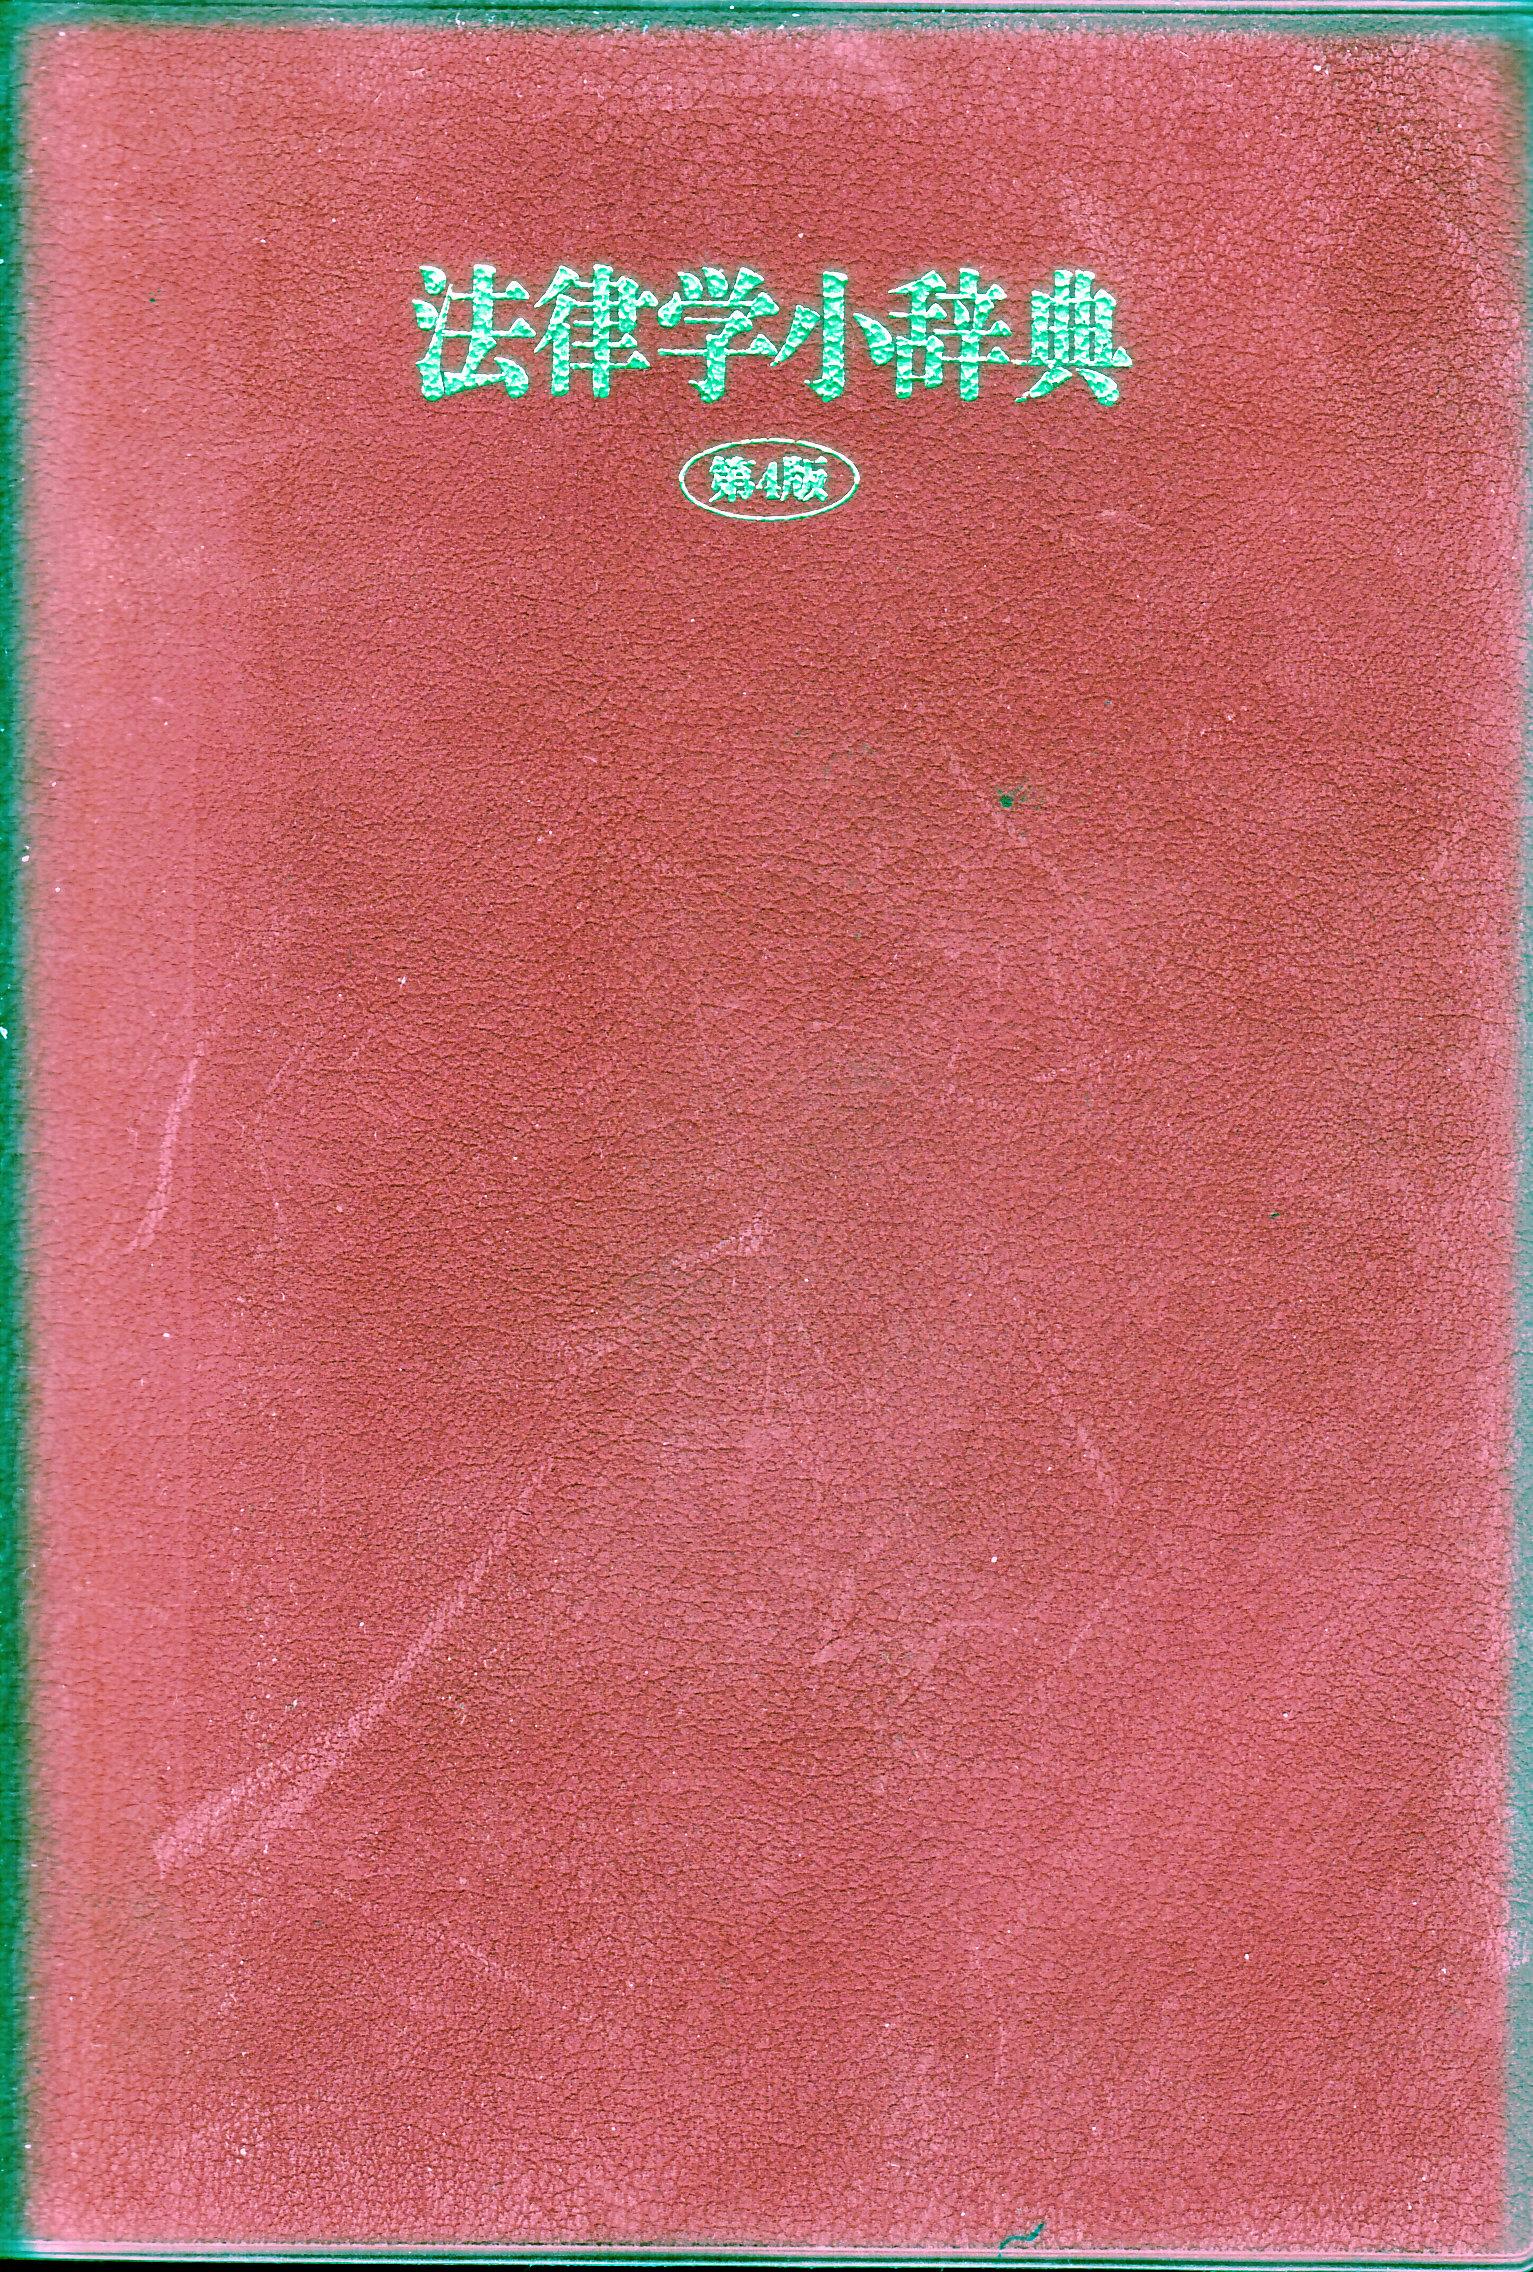 法律学小辞典